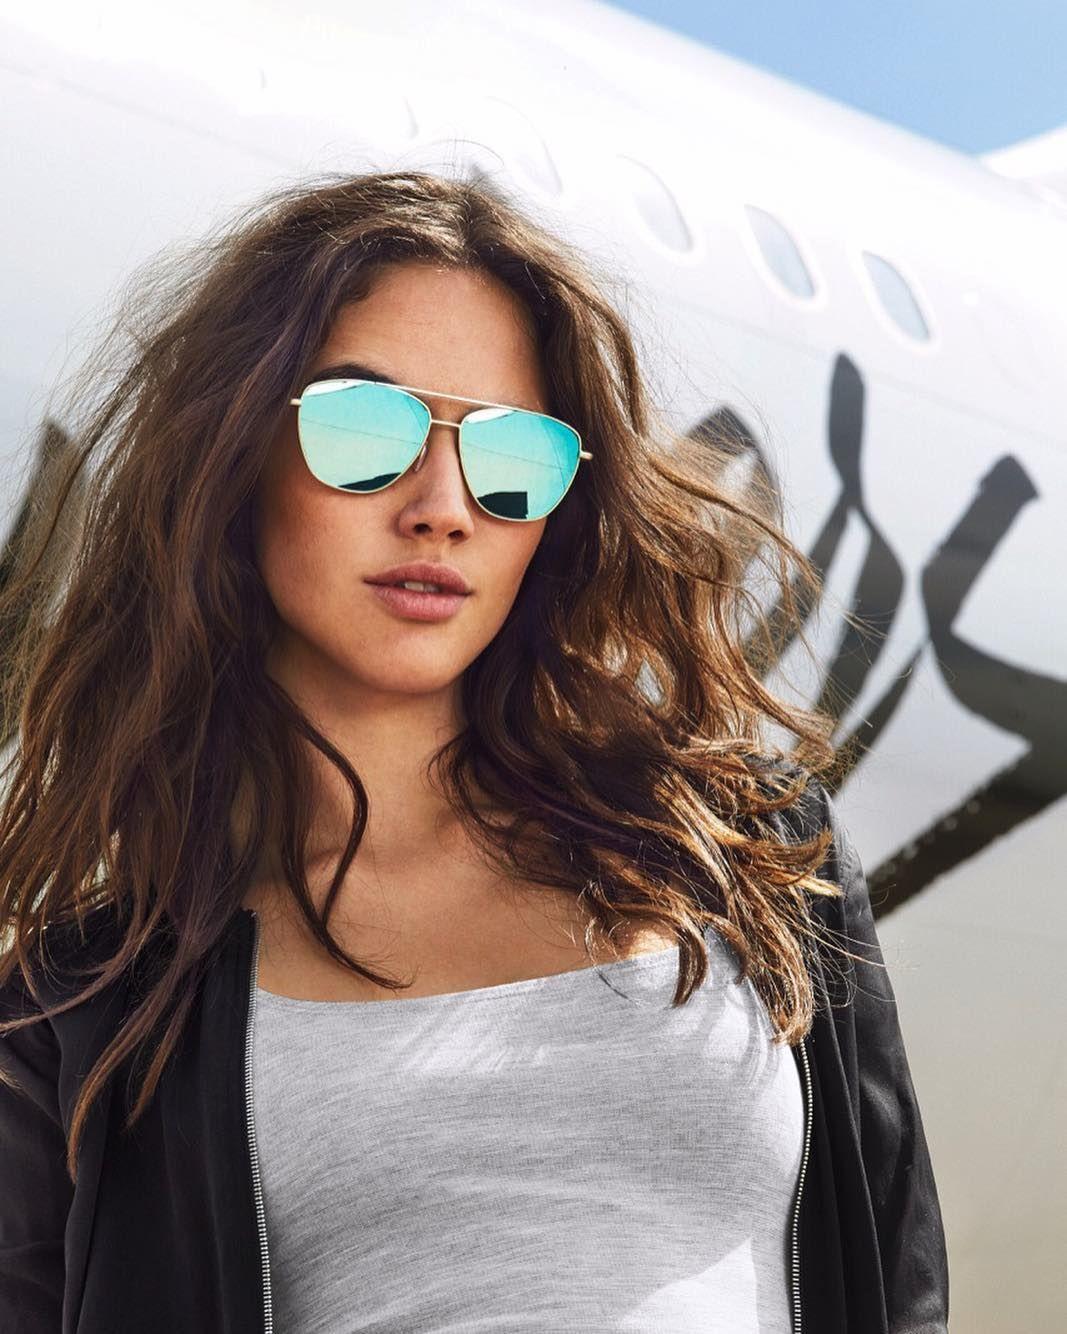 Presunción Hobart Incontable  KARAT CLEAR BLUE LAX Hawkers despega rediseñando las gafas de estilo  aviador. Estas gafas de diseño clásico y atemporal cuentan co…   Gafas de  sol, Gafas, Sol mujer